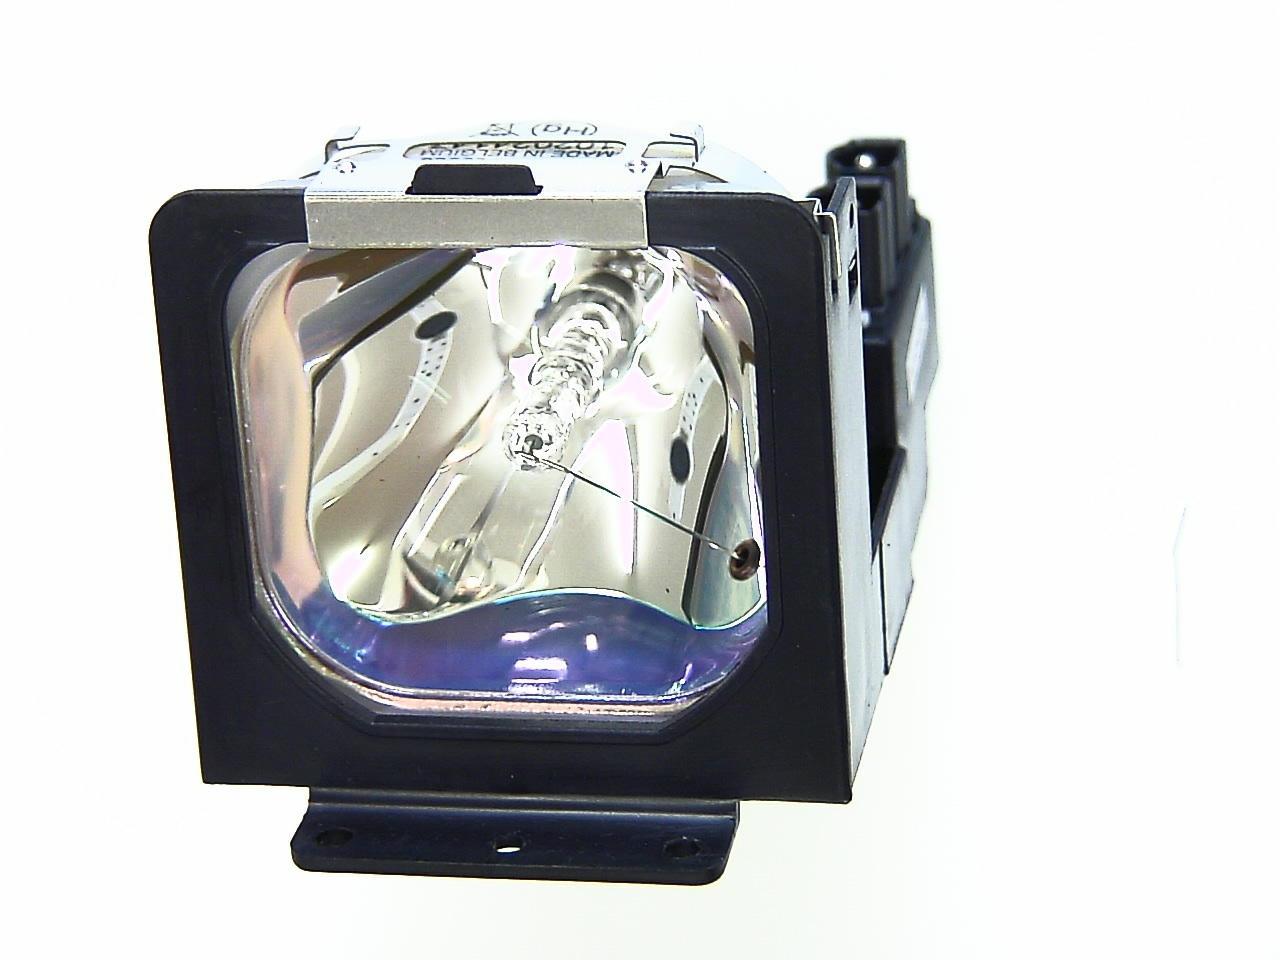 Lámpara CANON LV-7105